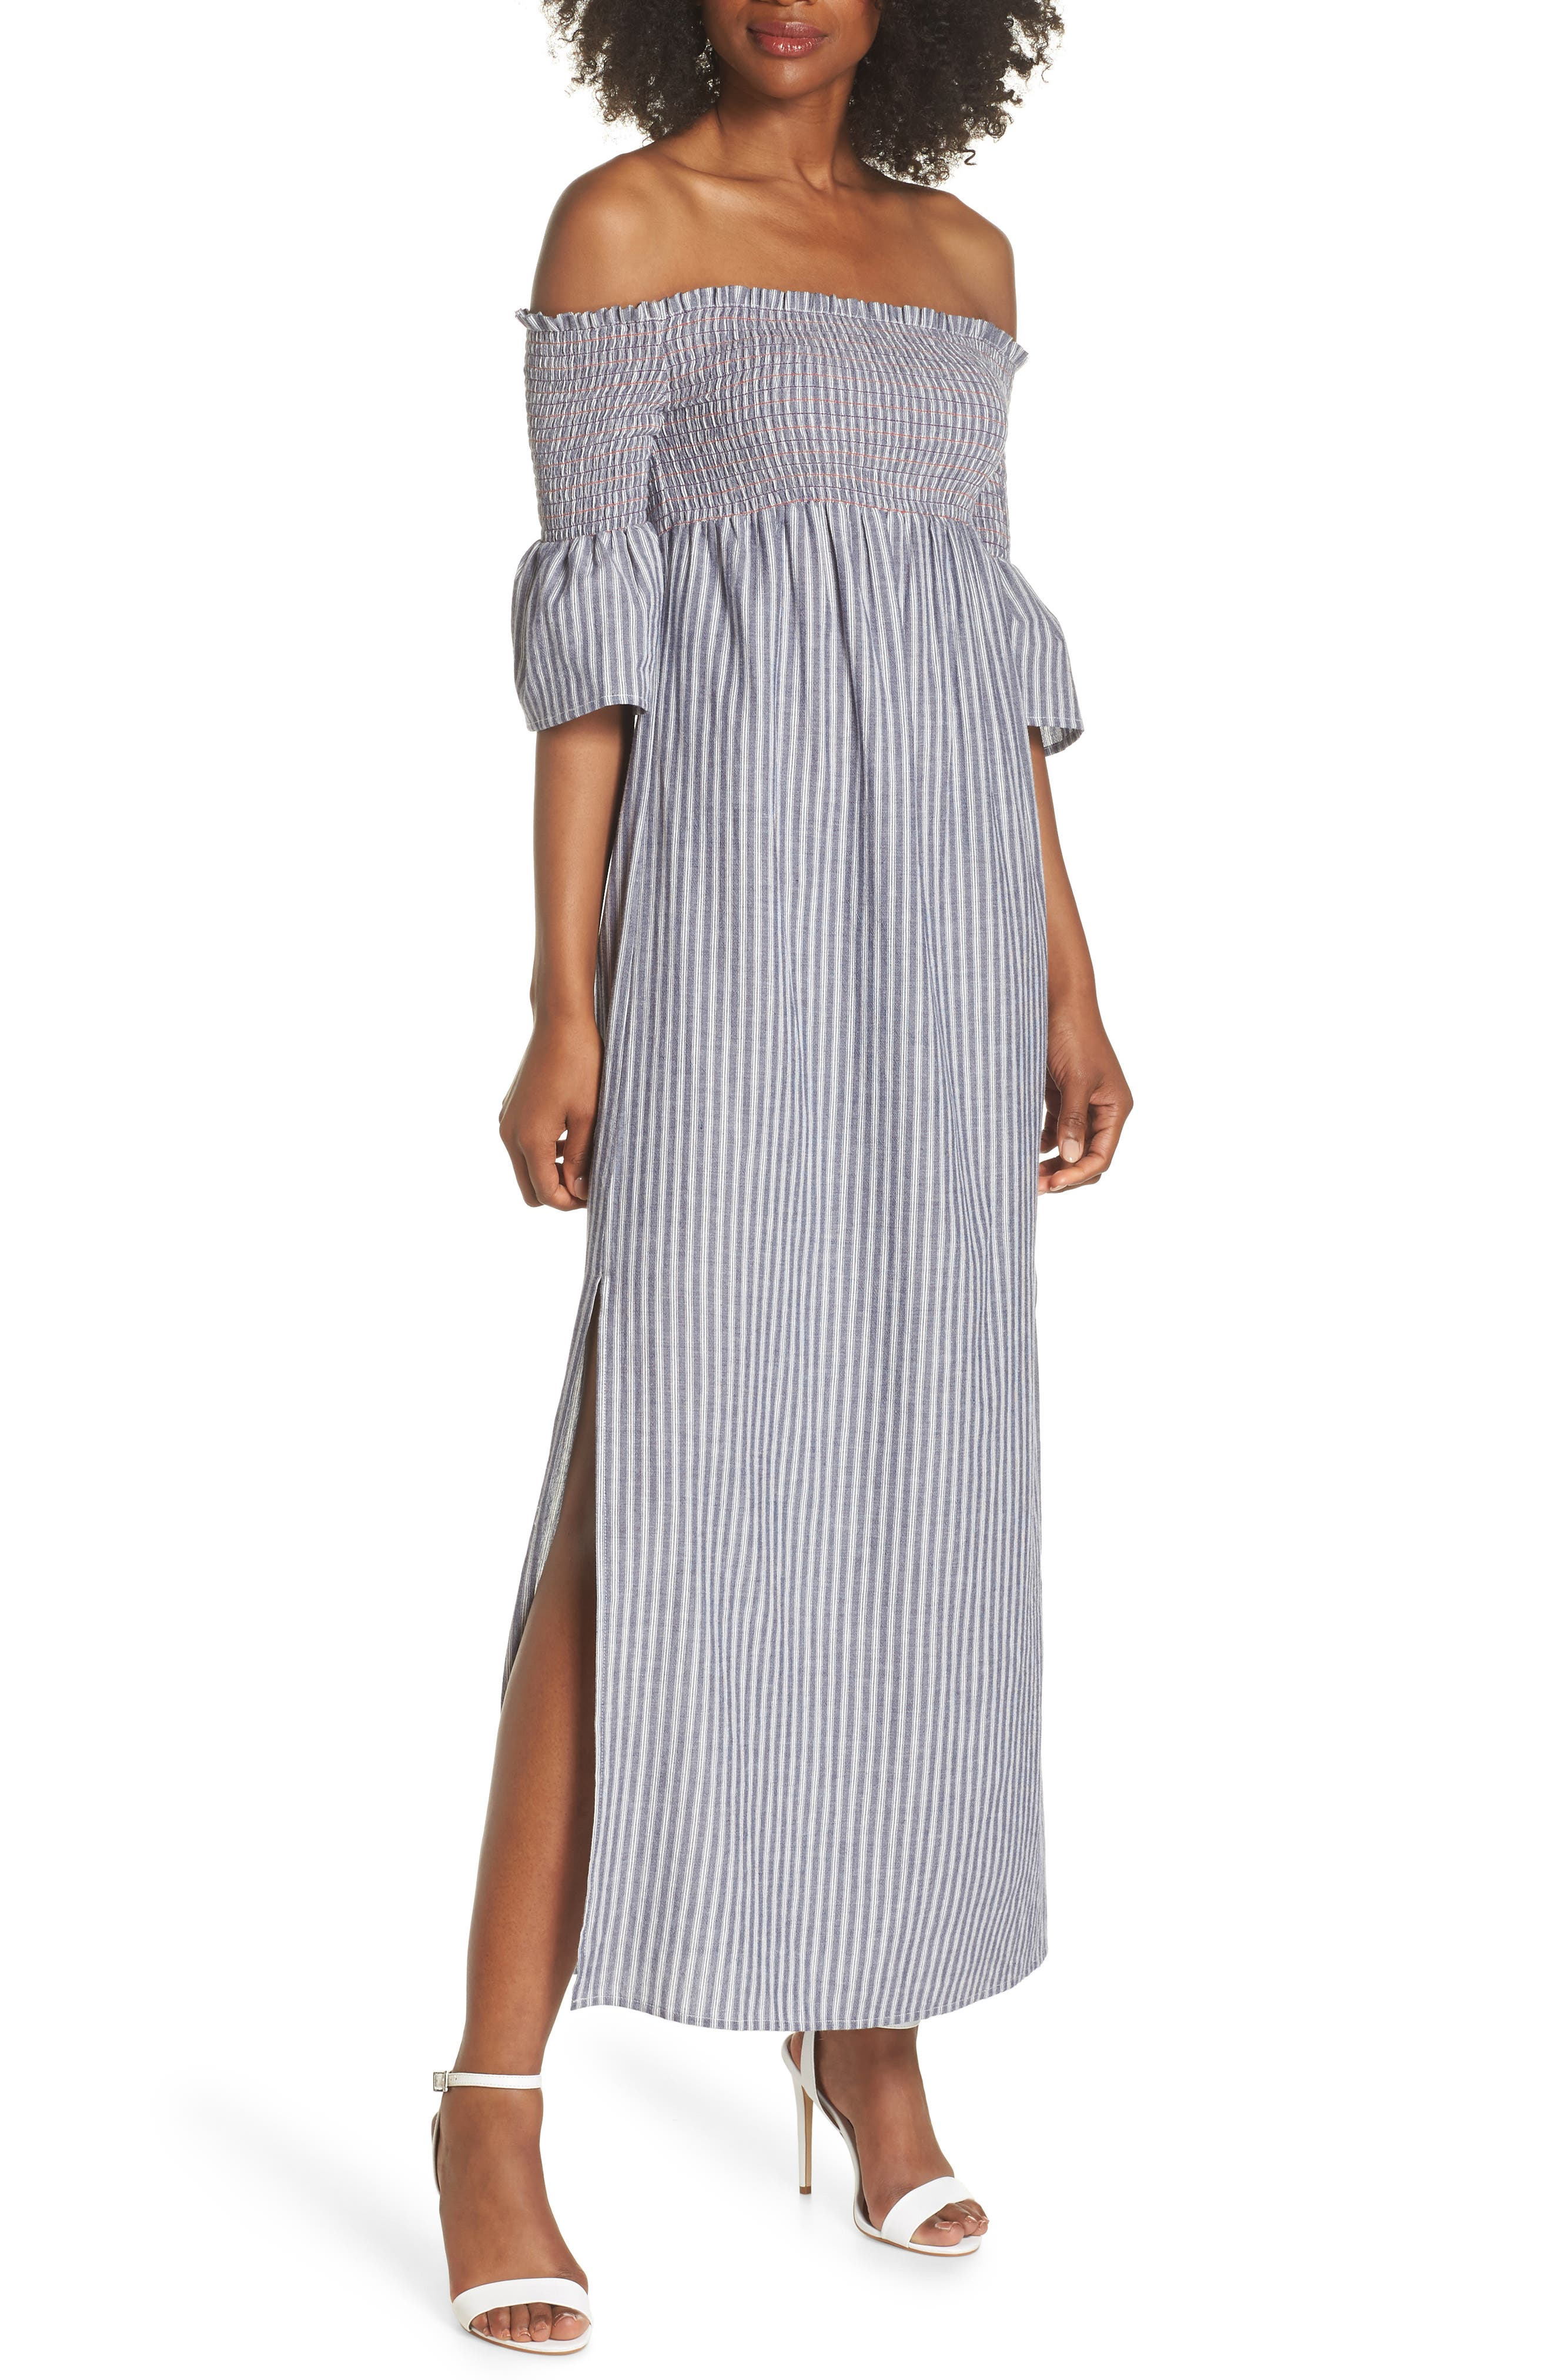 Carmel Smocked Off the Shoulder Maxi Dress,                             Main thumbnail 1, color,                             Chambray